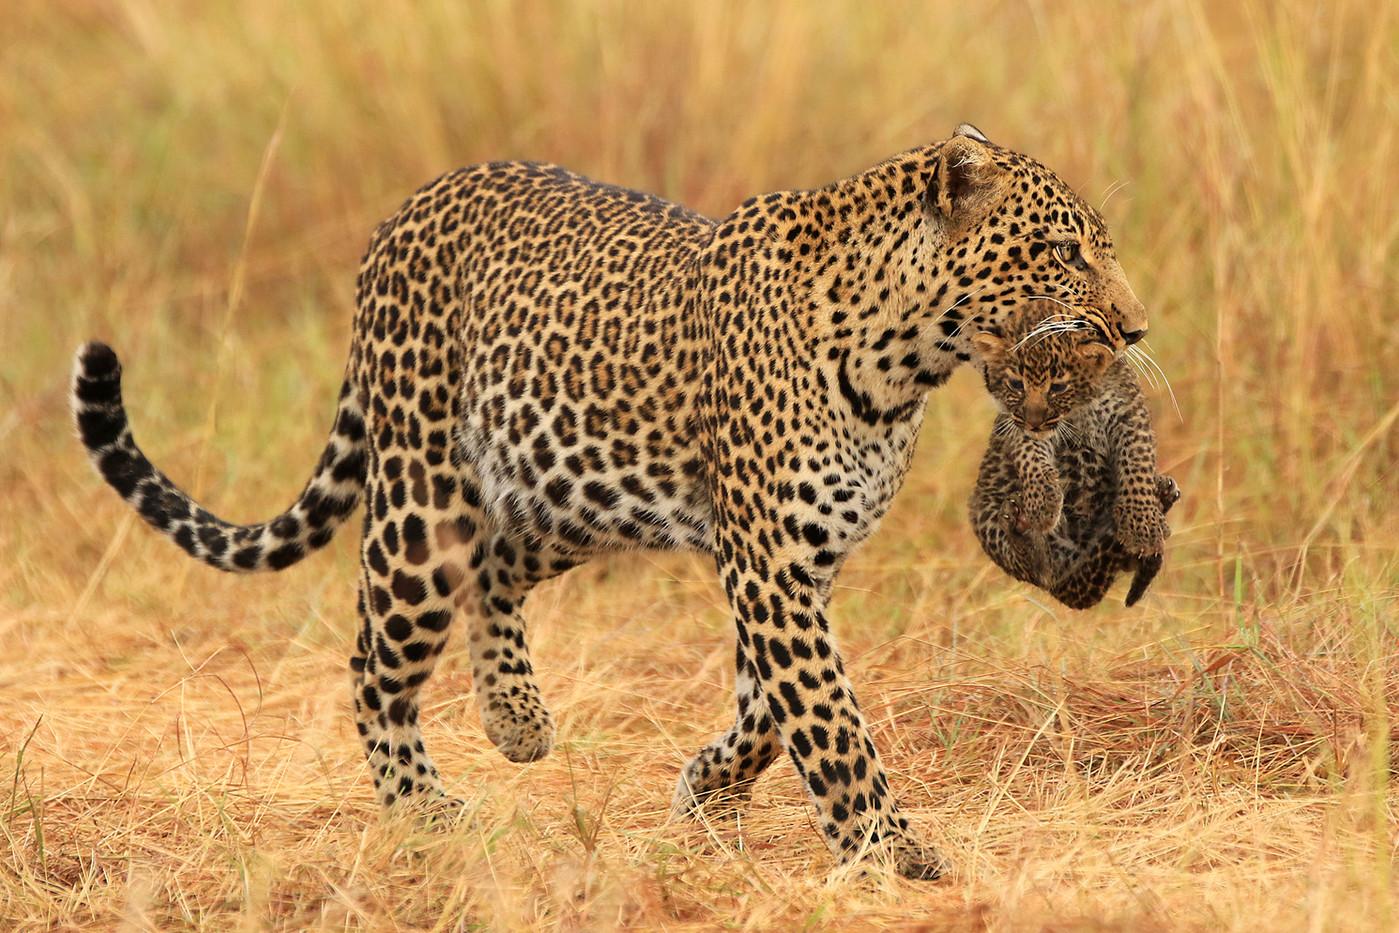 Leopard & cub in the Serengeti NP, Tanzania